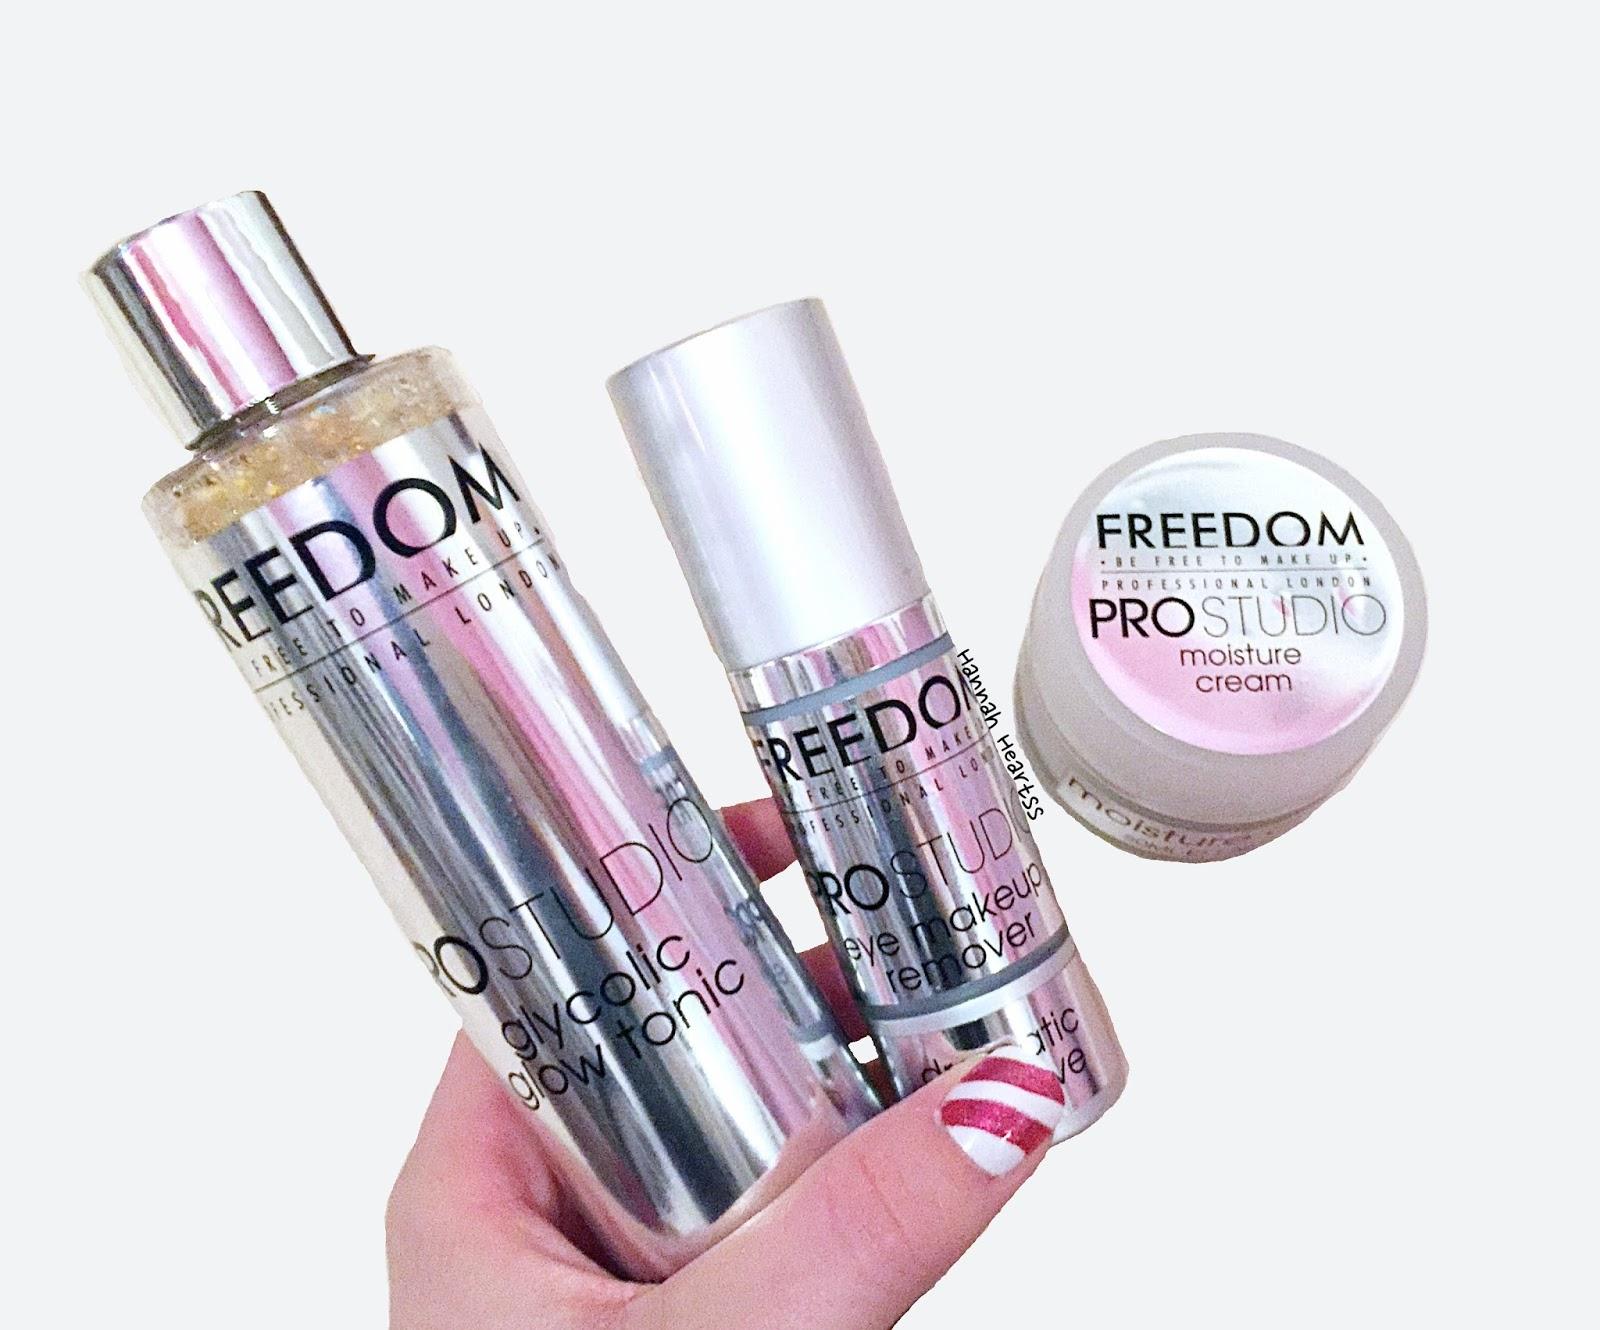 Freedom Pro Studio Skincare